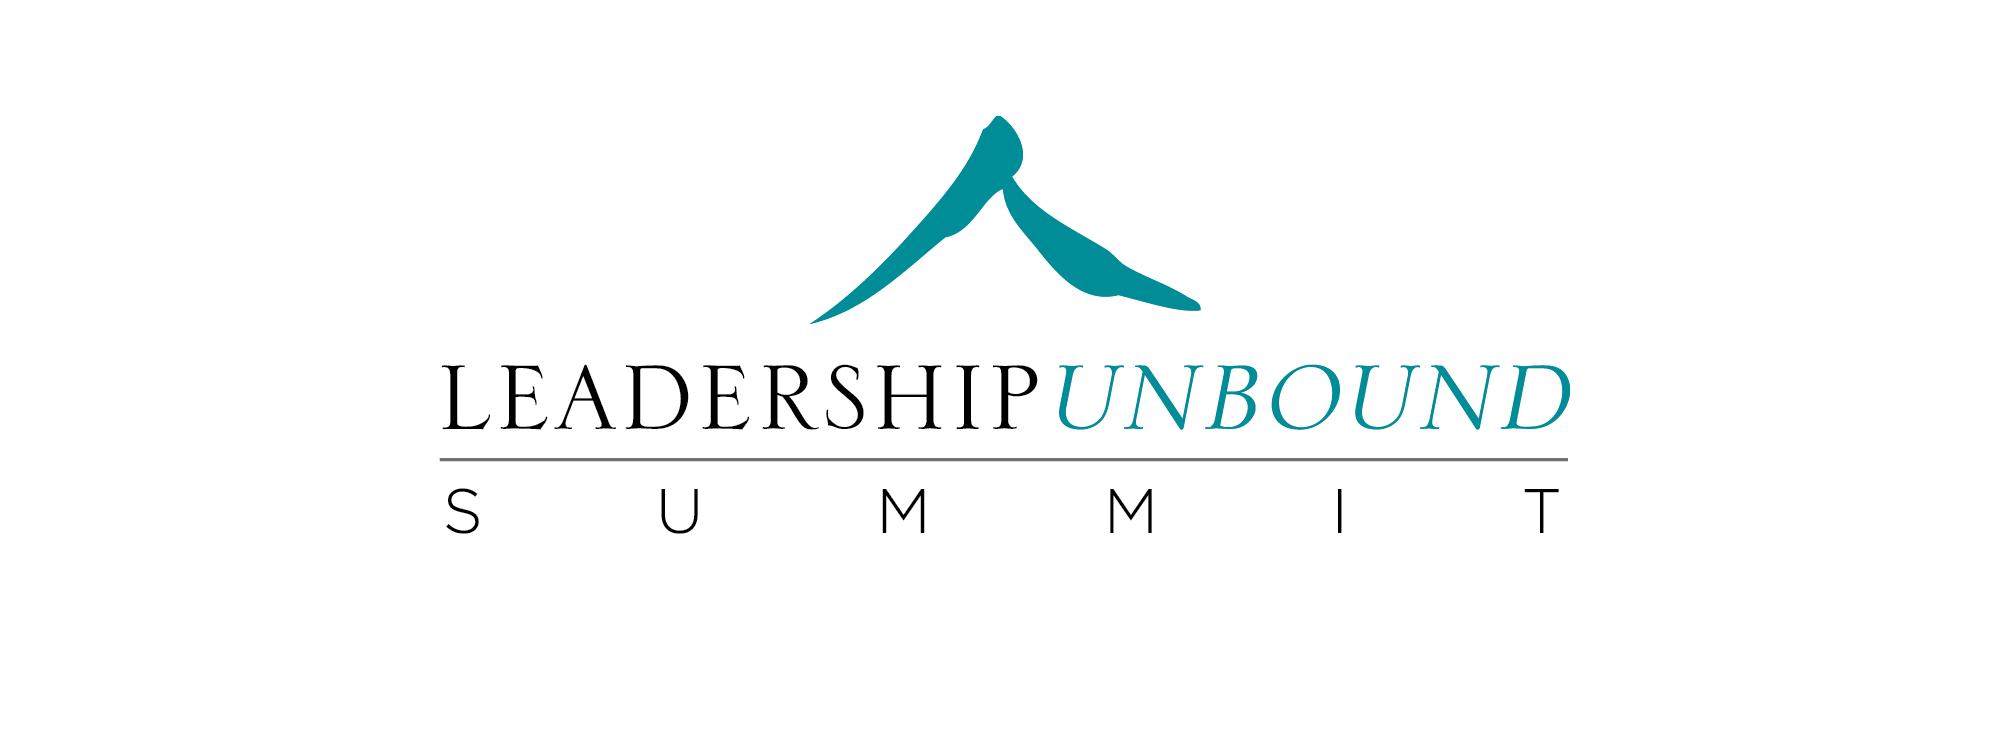 Leadership Unbound Summit